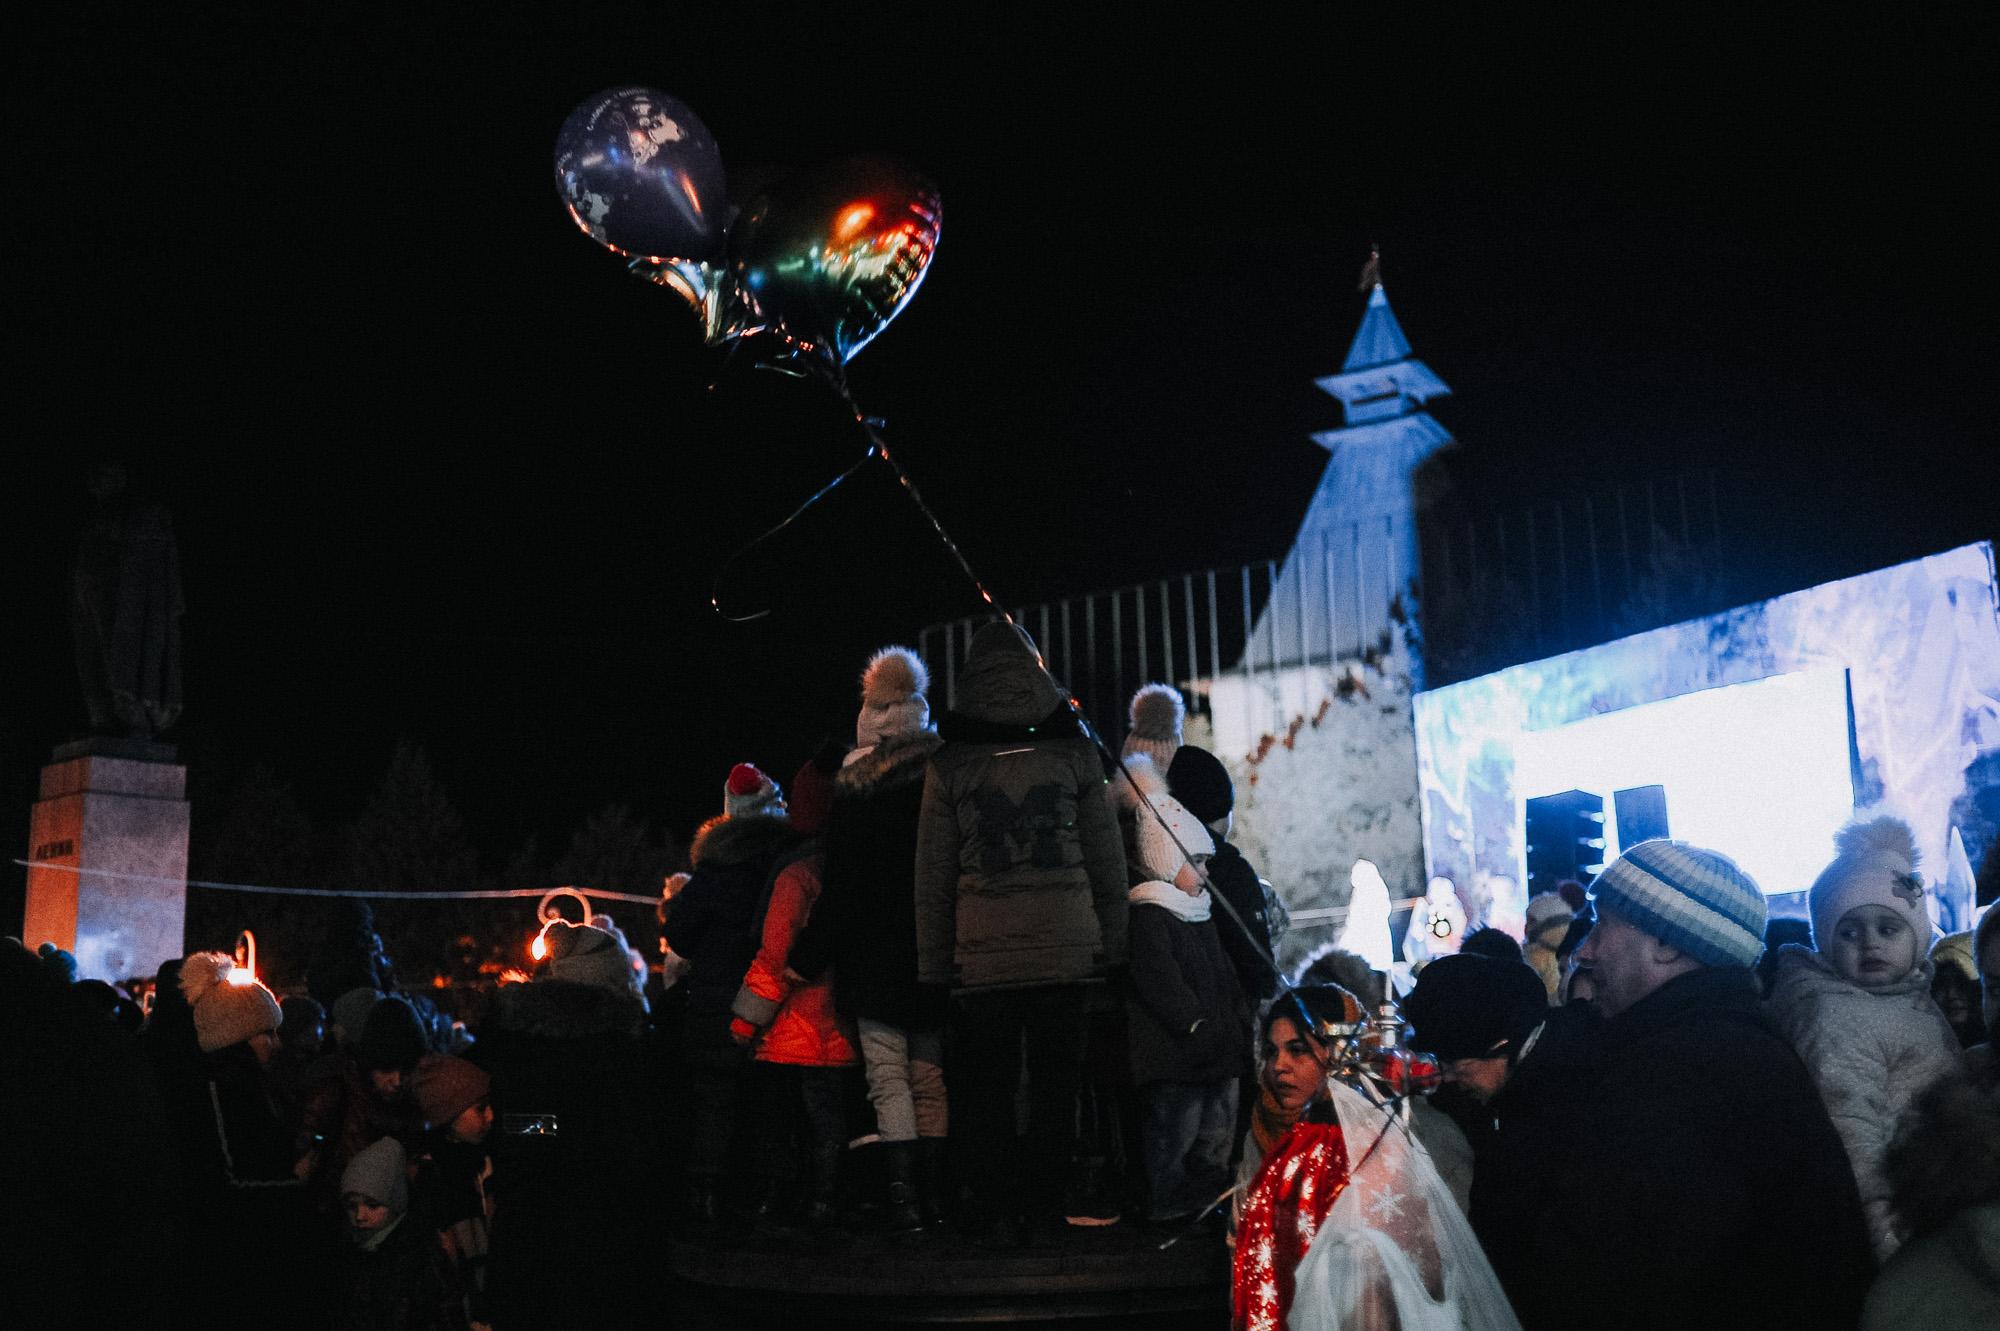 ZZZ 6888 В Астрахани на площади Ленина зажгли новогоднюю елку: кадры торжества